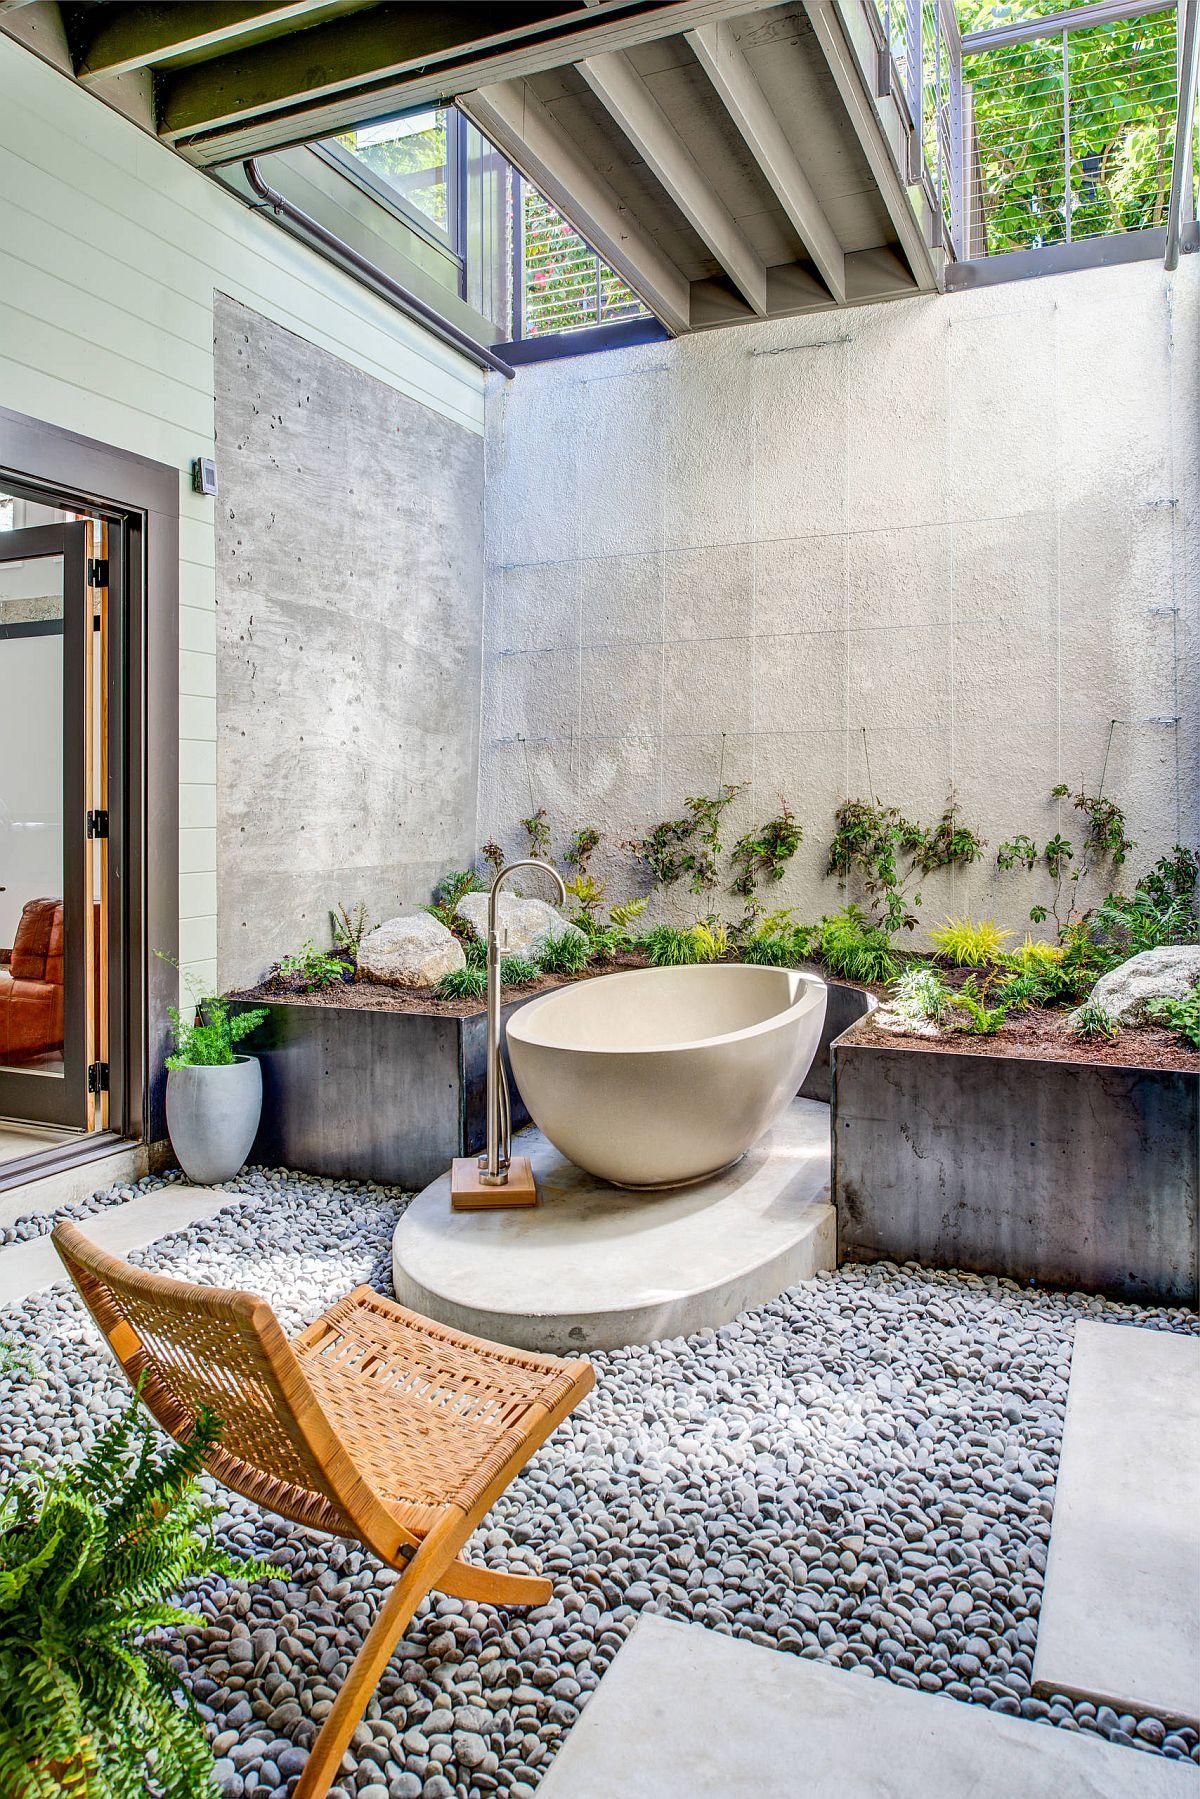 """Những thiết kế phòng tắm sang trọng, gần gũi với thiên nhiên được dự đoán trở thành """"hot trend"""" năm 2021 - Ảnh 2."""